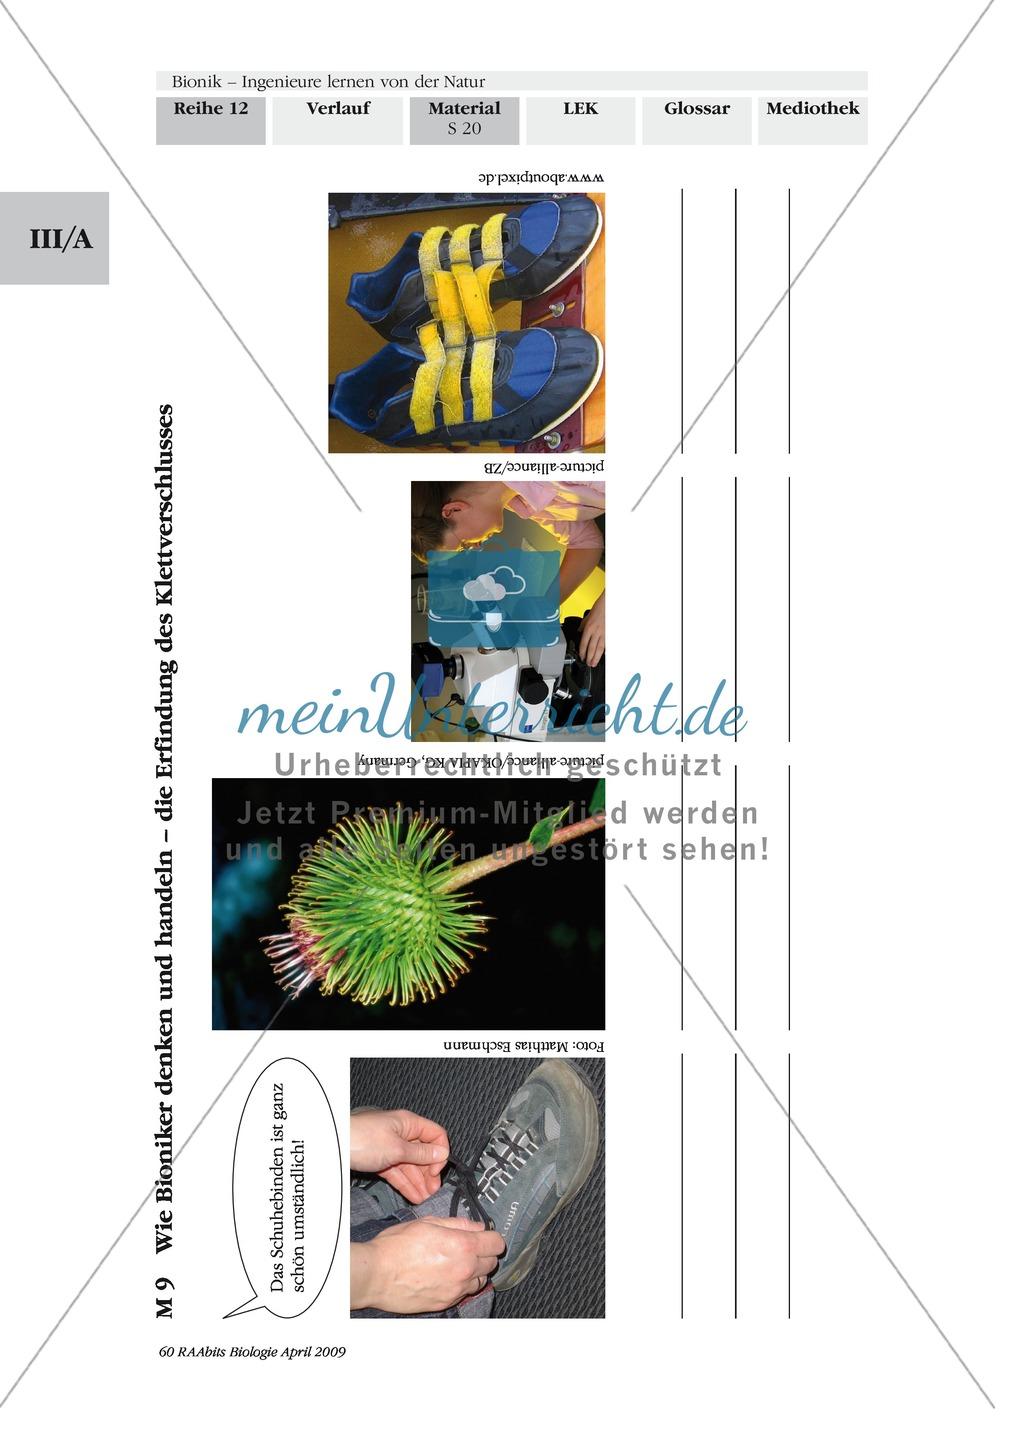 Bionik: Die Vorgehensweise der Bioniker am Beispiel der Erfindung des Klettverschlusses Preview 1